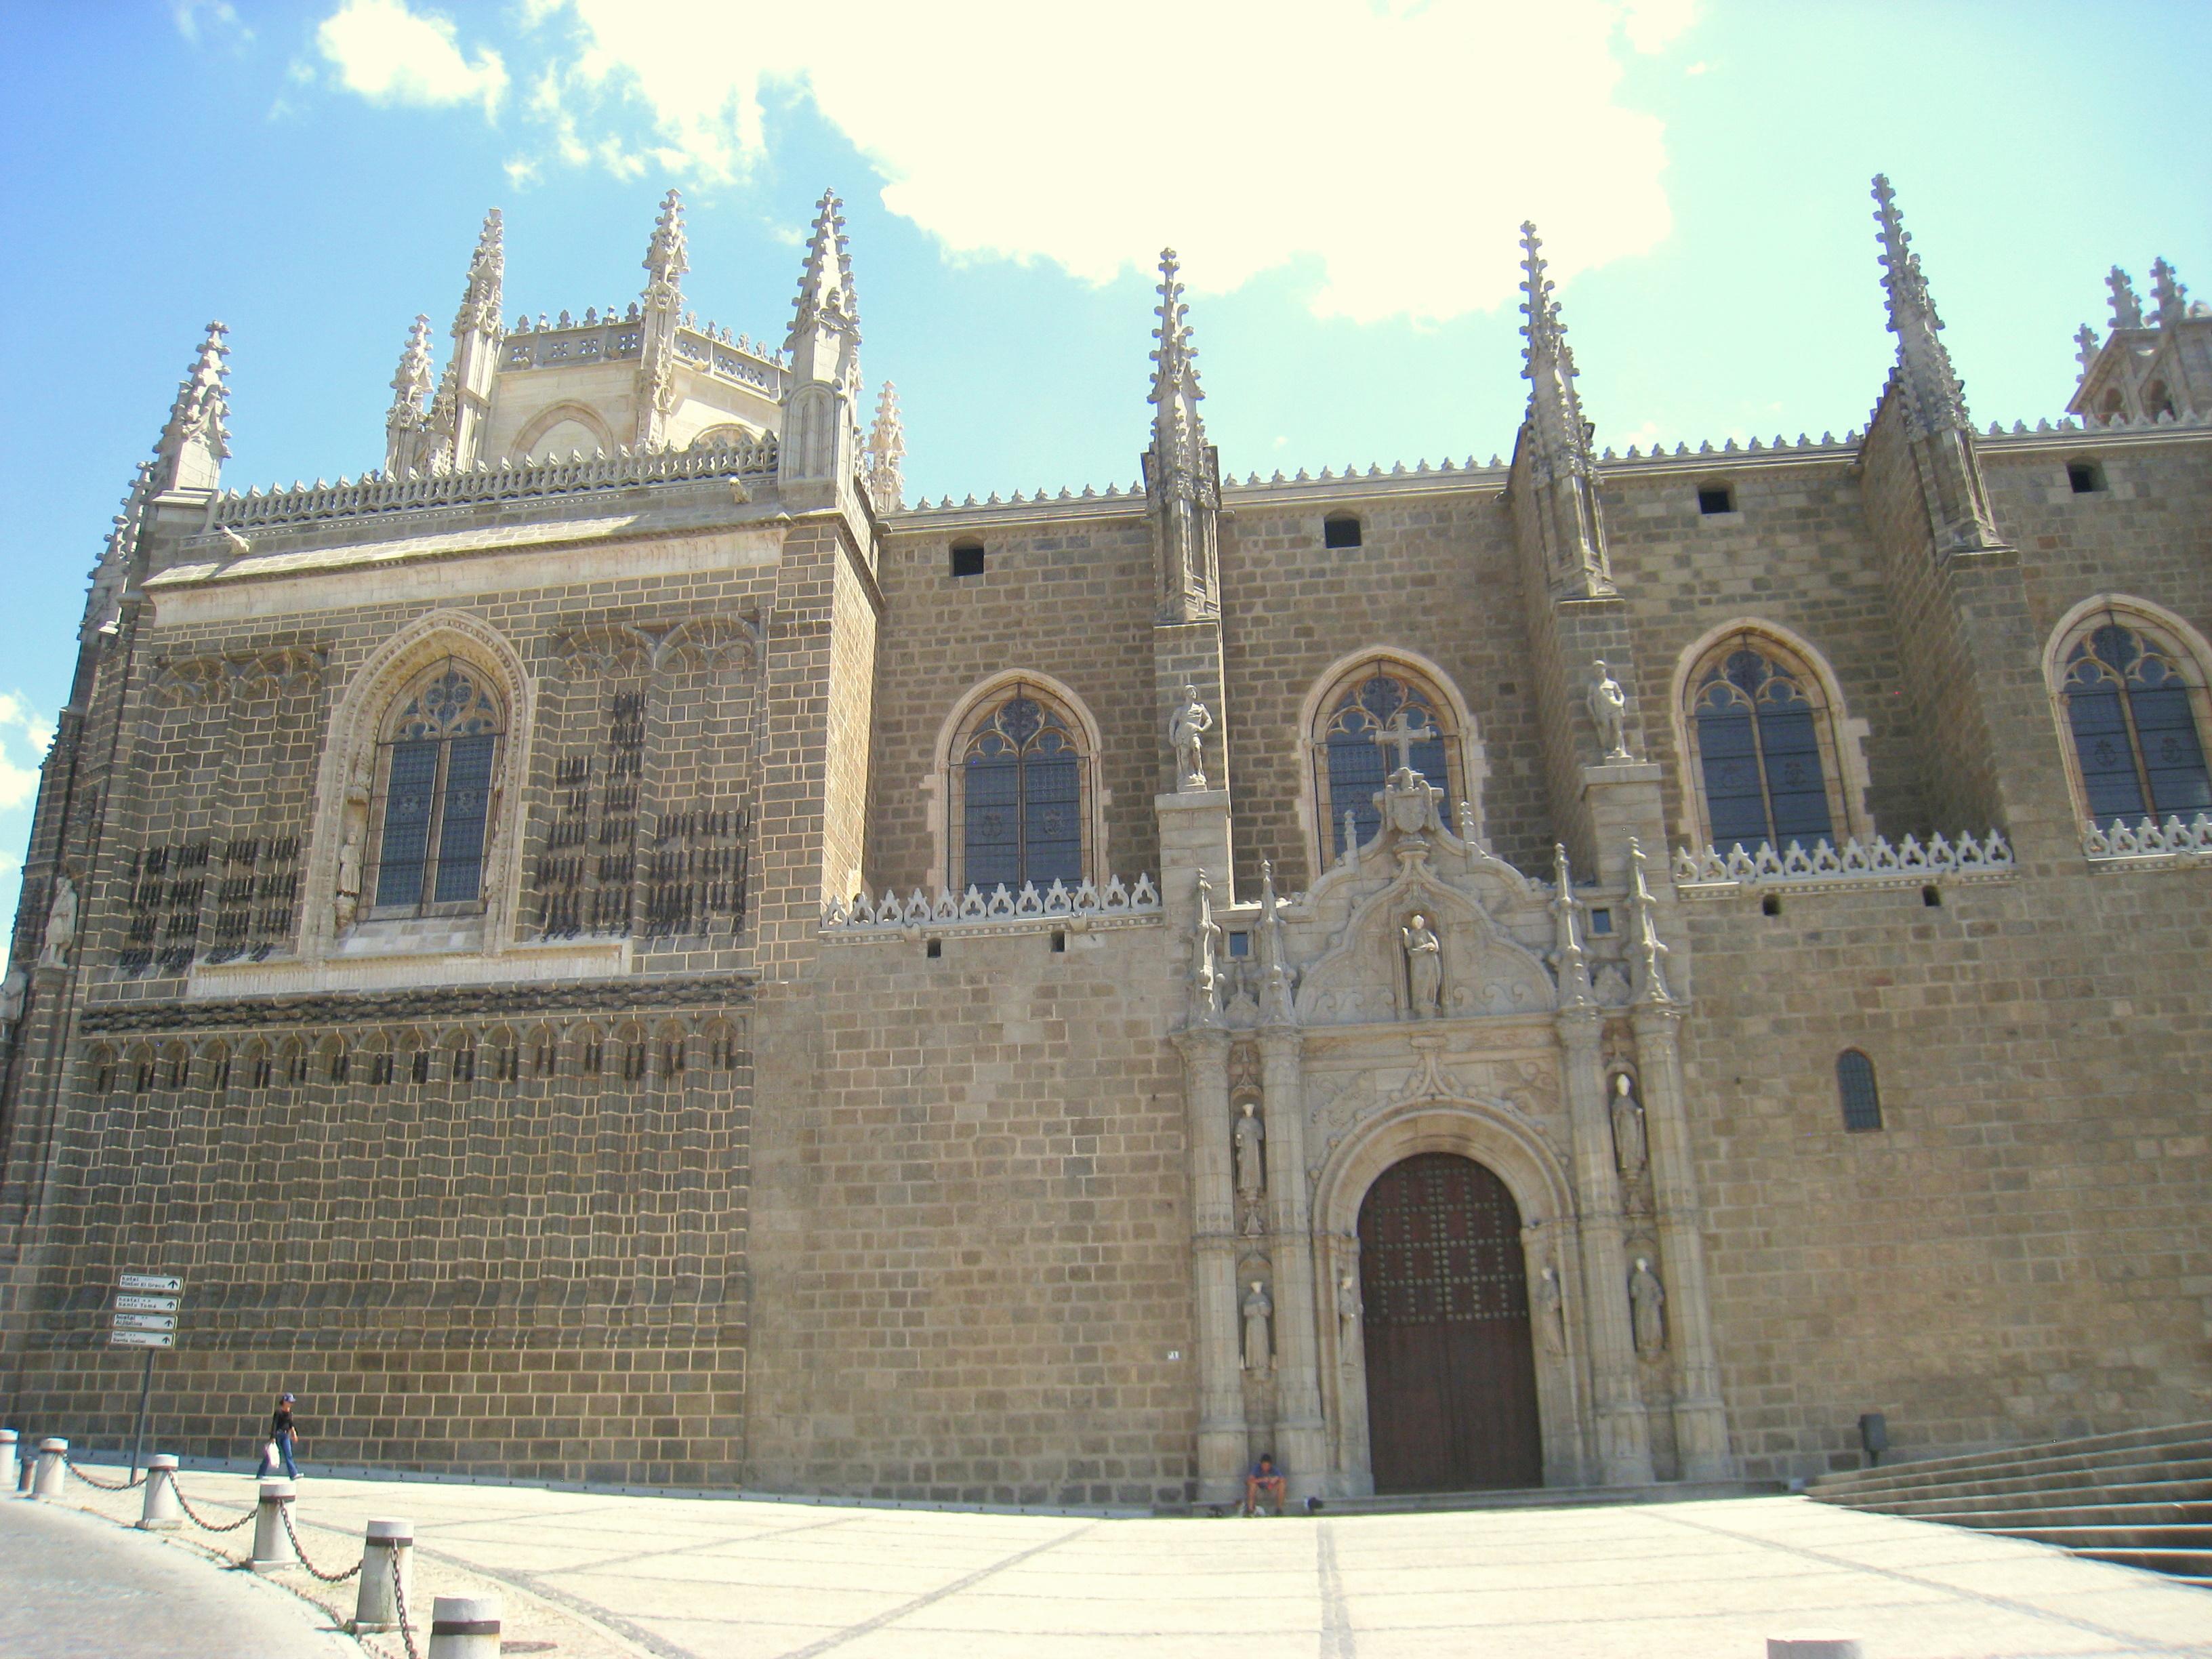 Monasterio de San Juan de los Reyes - Wikipedia, la enciclopedia libre